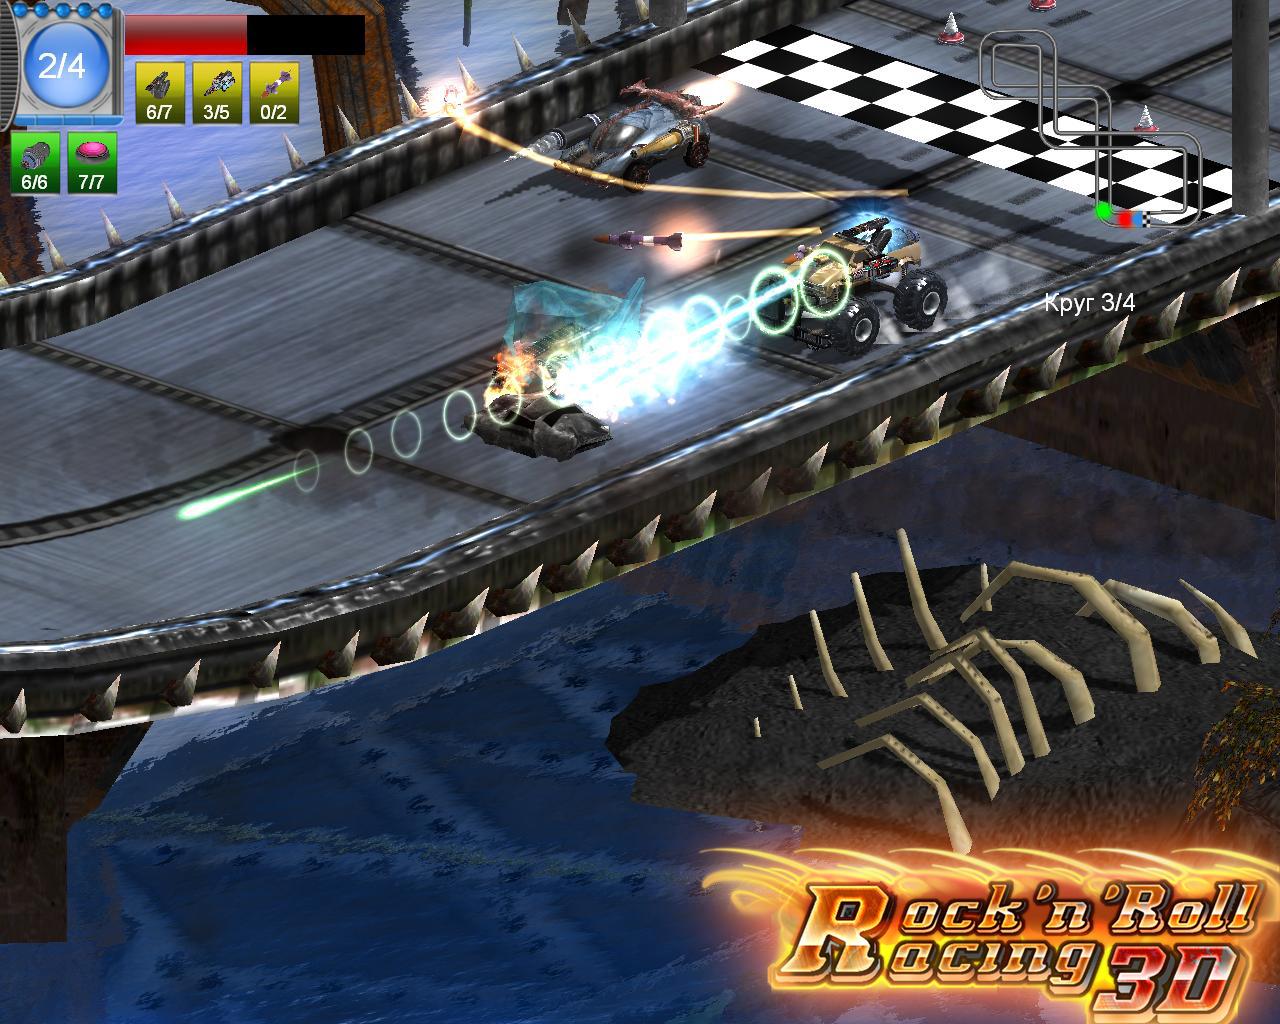 Rock 'n roll racing 3d:: tapochek. Net.